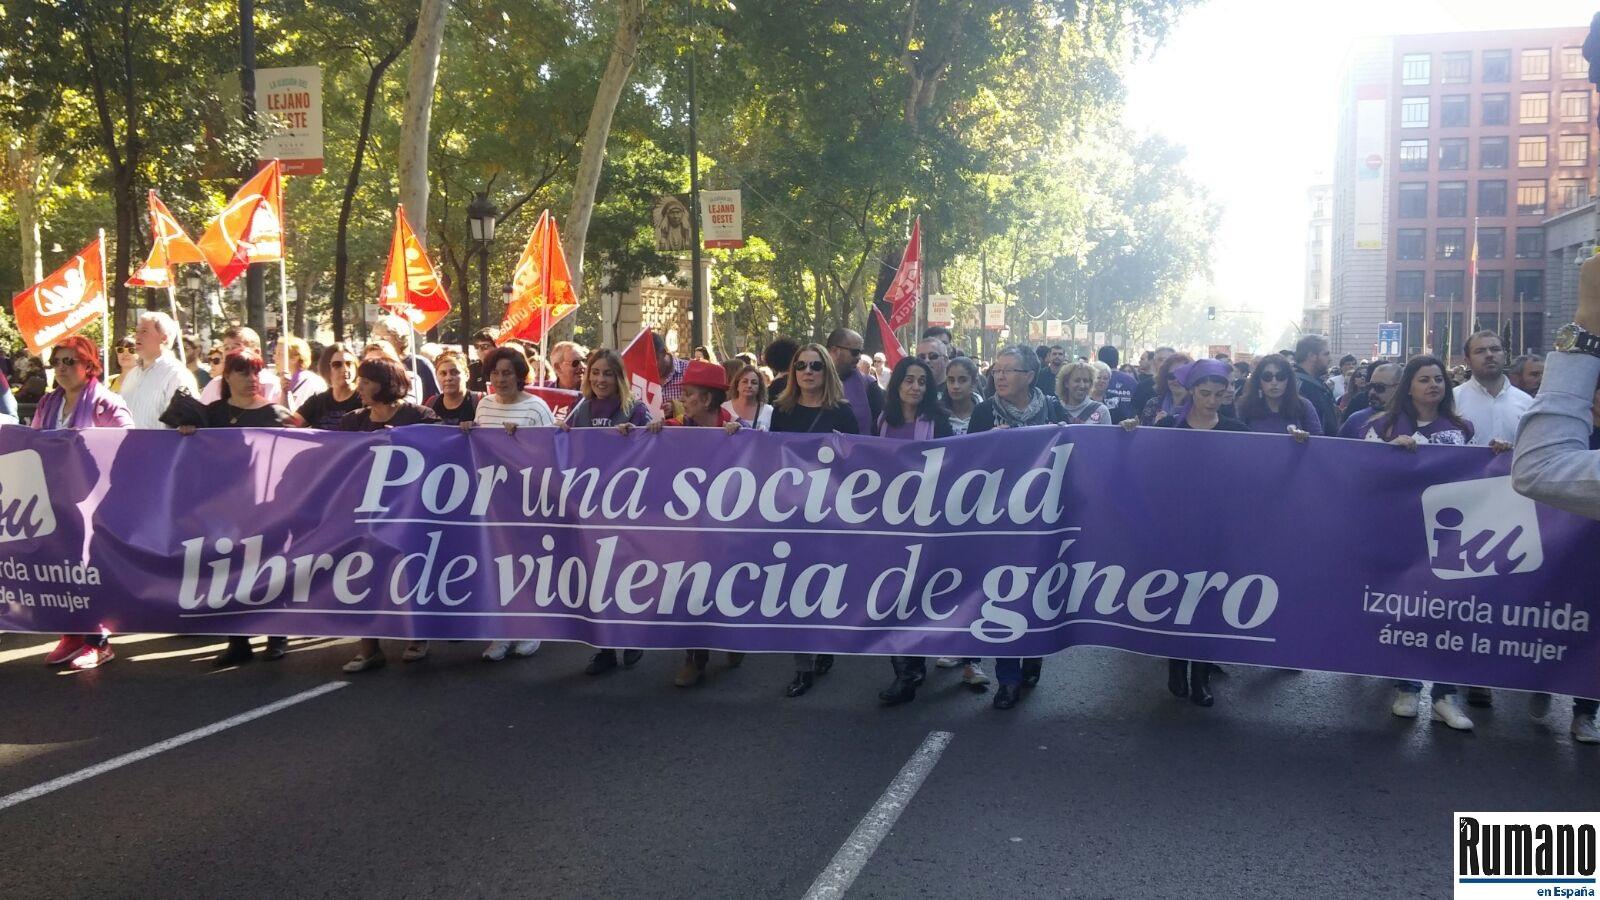 Numeroase-persoane-au-participat-la-un-protest-împotriva-violenței-la-Madrid-Violența-nu-are-gen